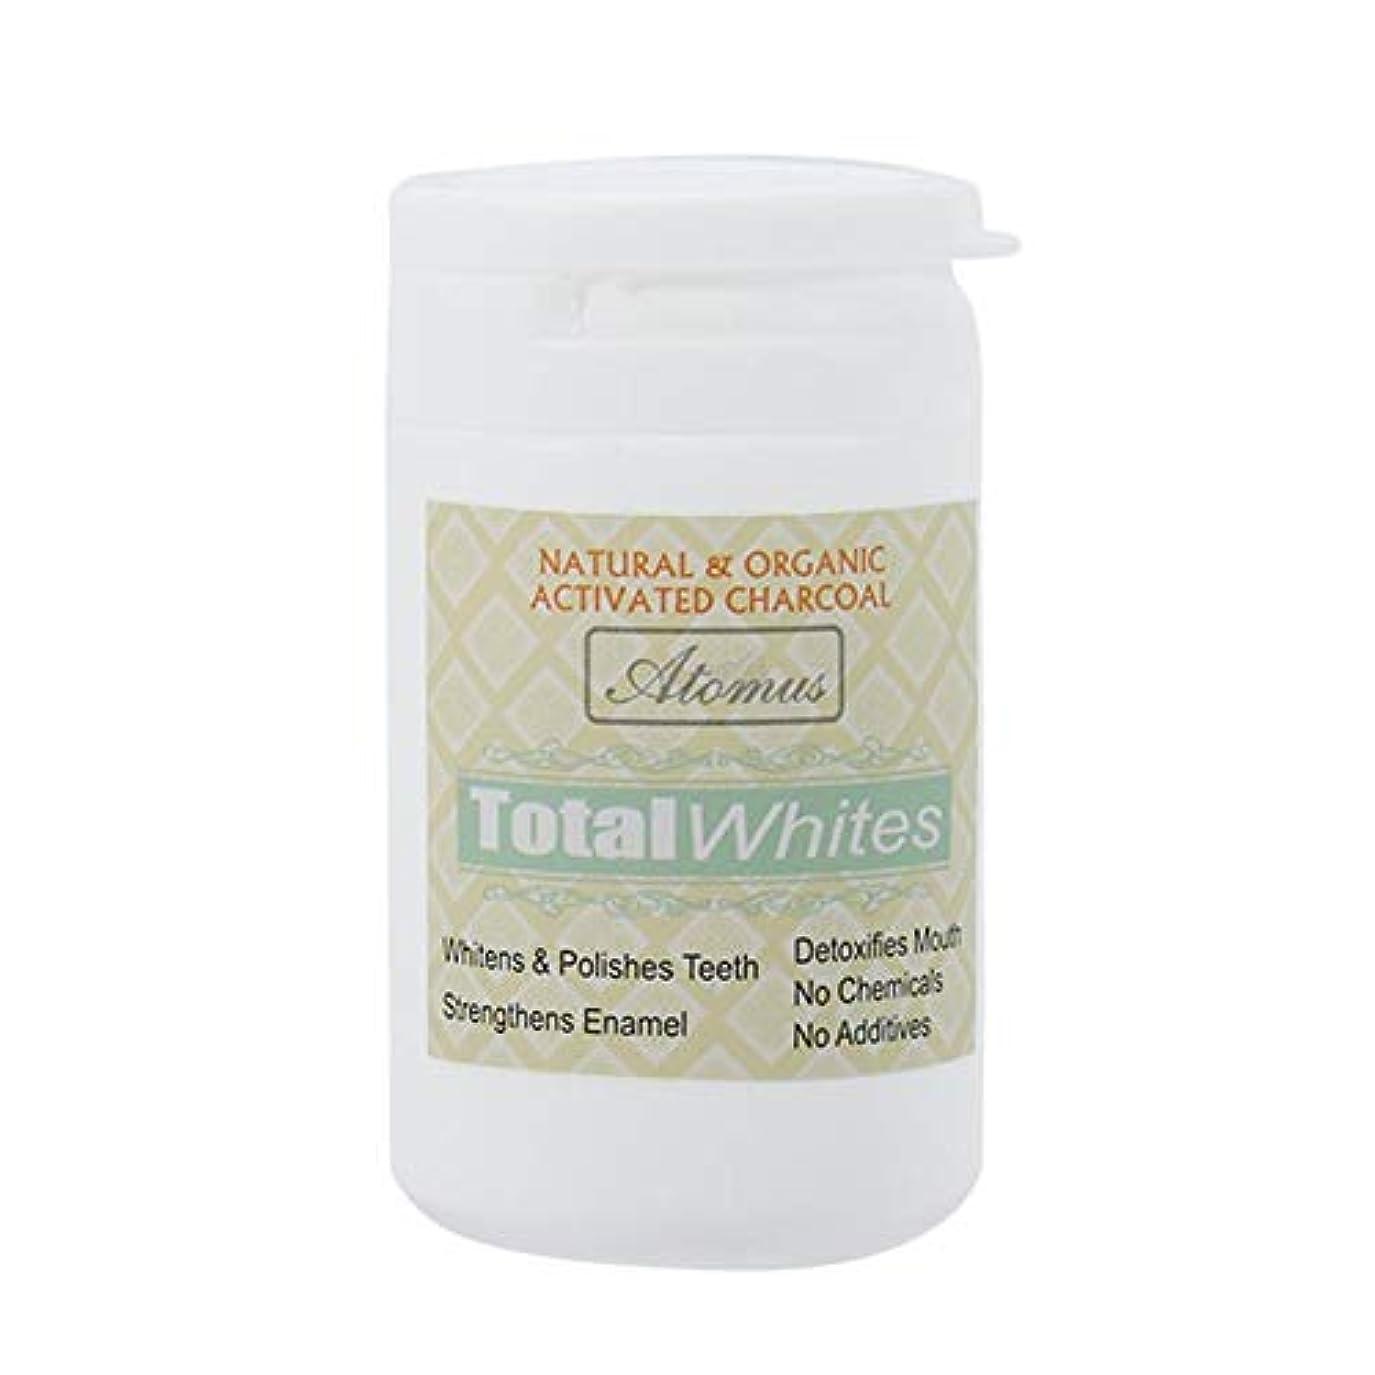 ジョセフバンクスなくなる非互換歯のホワイトニングパウダー、活性炭の歯のホワイトナーパウダー - 有機安全で効果的なホワイトナーの解決策 - ホワイトニングの歯とフレッシュな息